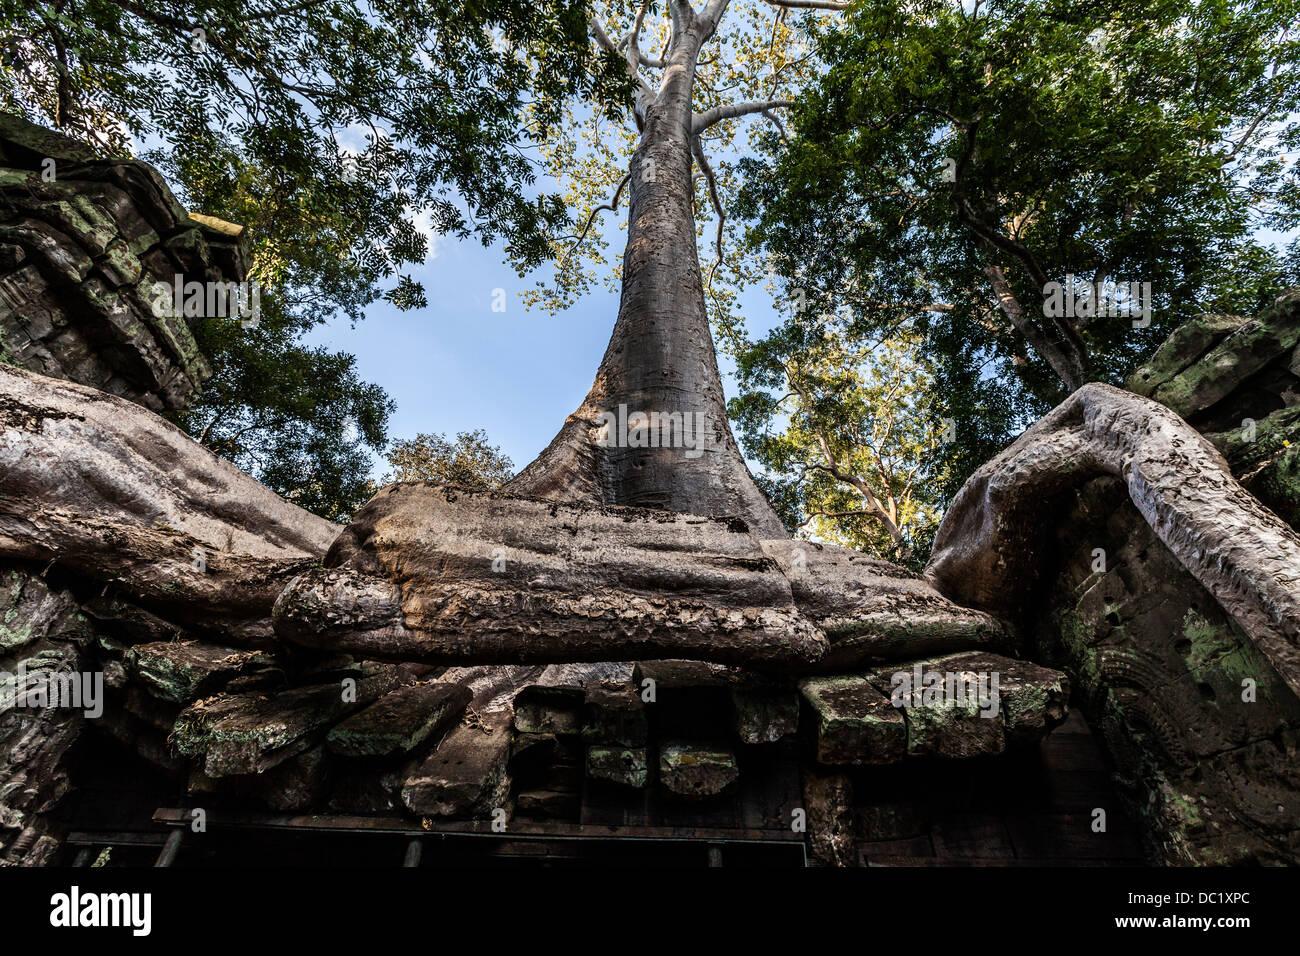 Incolto radici di albero a Ta Prohm rovine di templi di Angkor Wat, Siem Reap, Cambogia Foto Stock